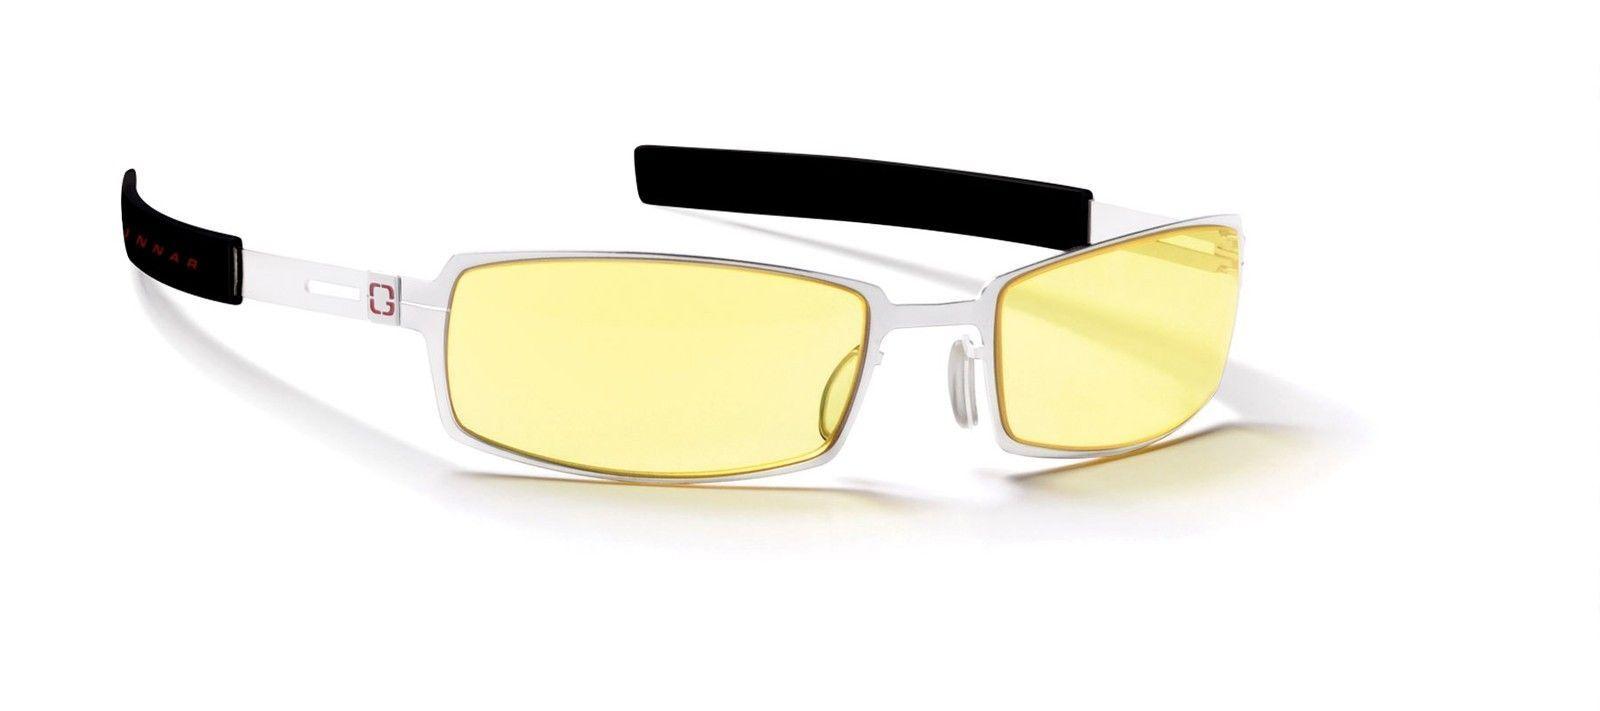 Gunnar Optiks PPK-00701 Snow White Gaming Computer Glassess